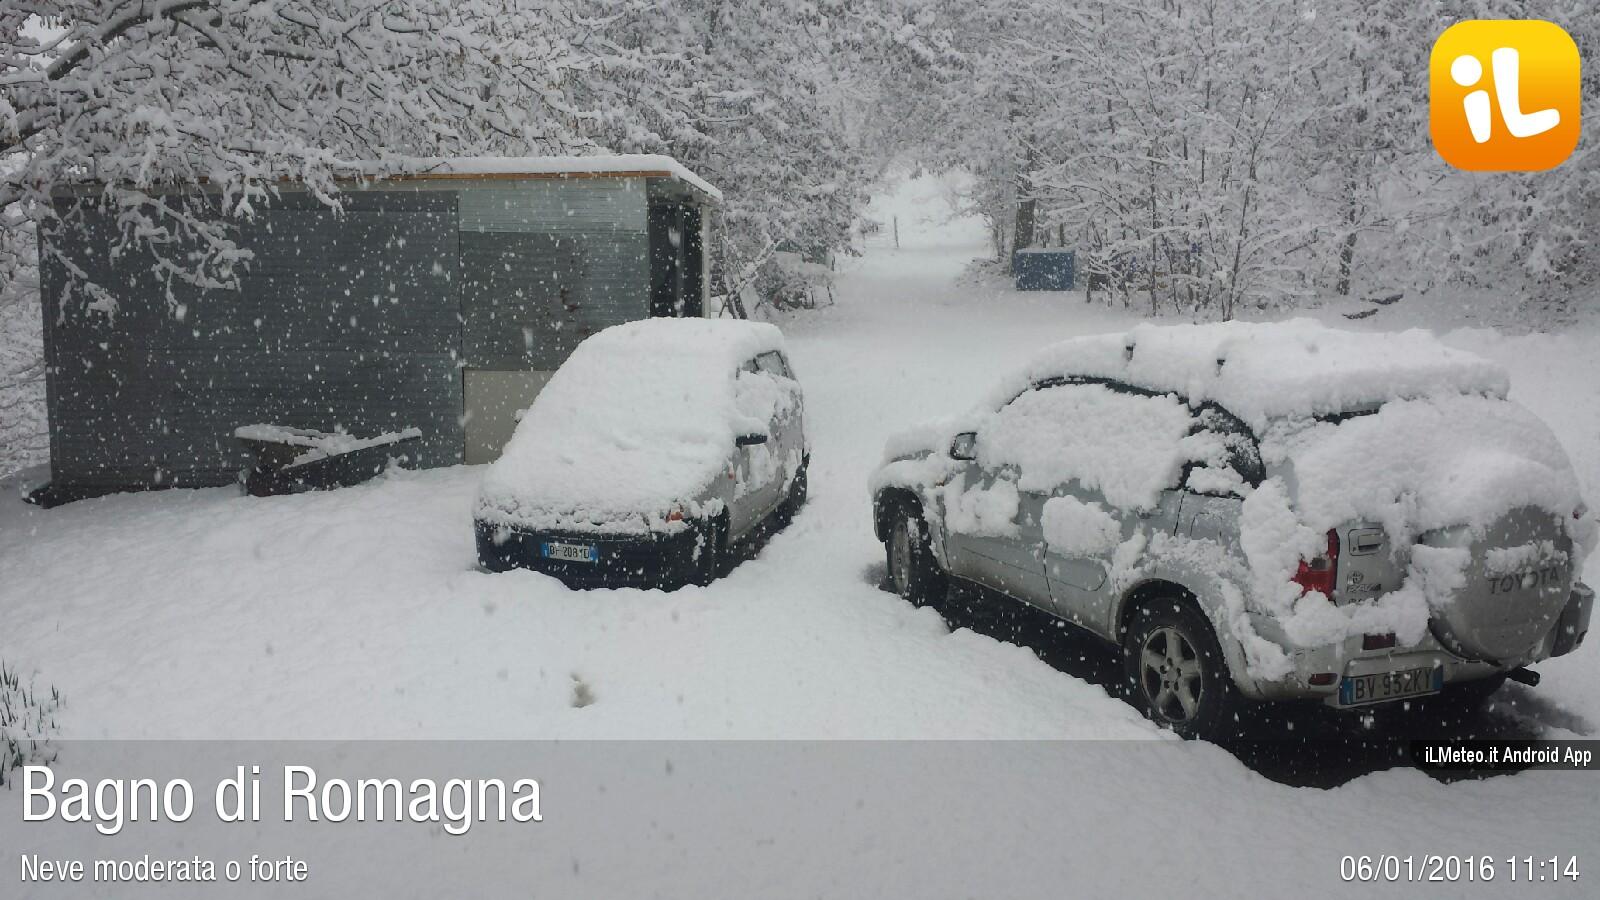 Foto meteo - Bagno di Romagna - Bagno di Romagna ore 11:14 ...